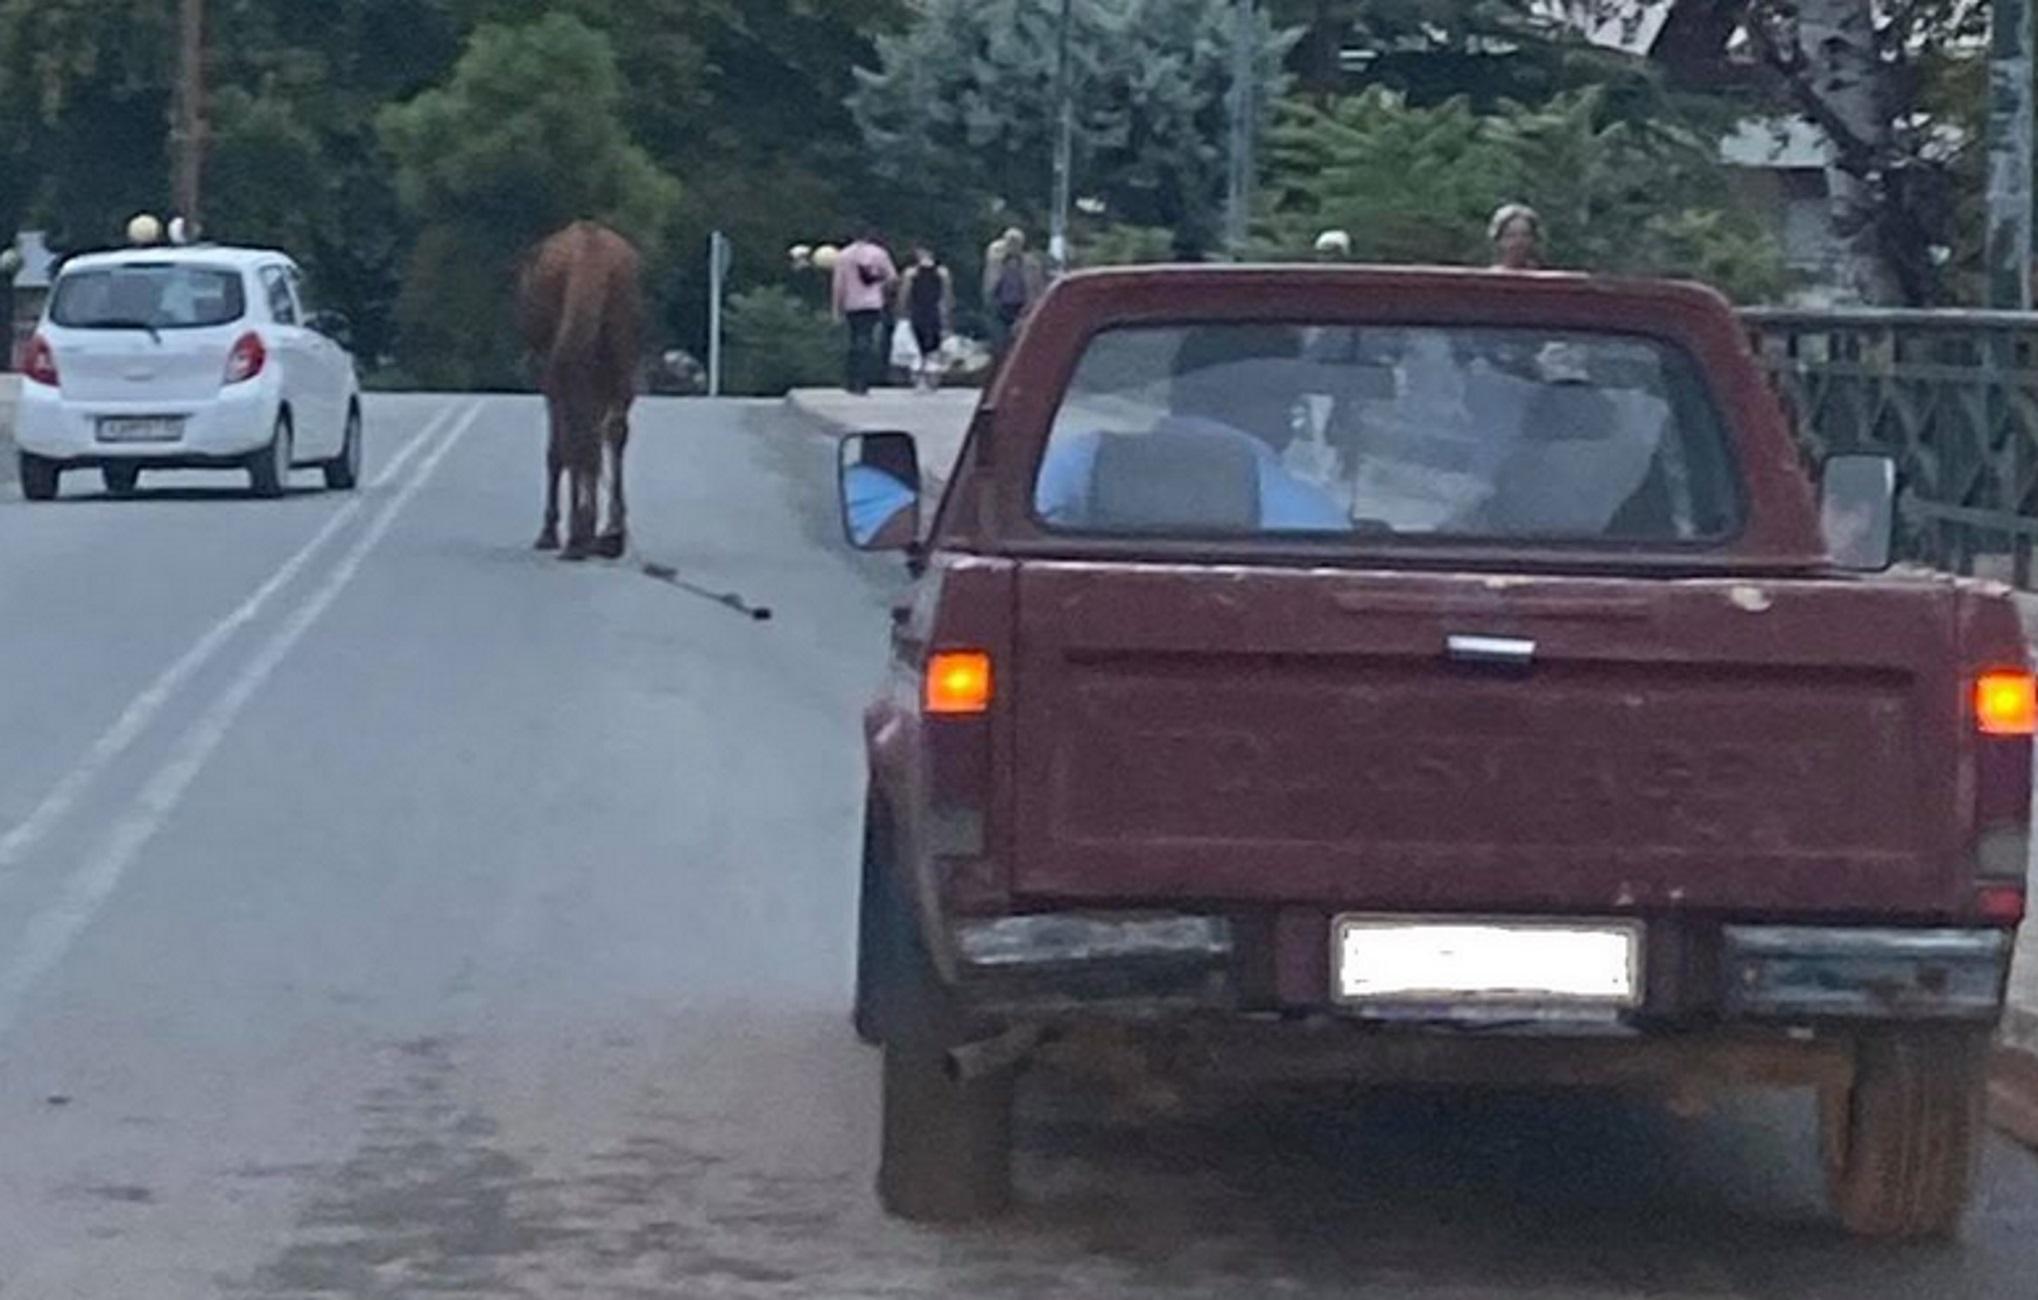 Λάρισα: Με τους ρυθμούς του αλόγου – Δείτε τις εικόνες που τράβηξαν οδηγοί πάνω σε γέφυρα